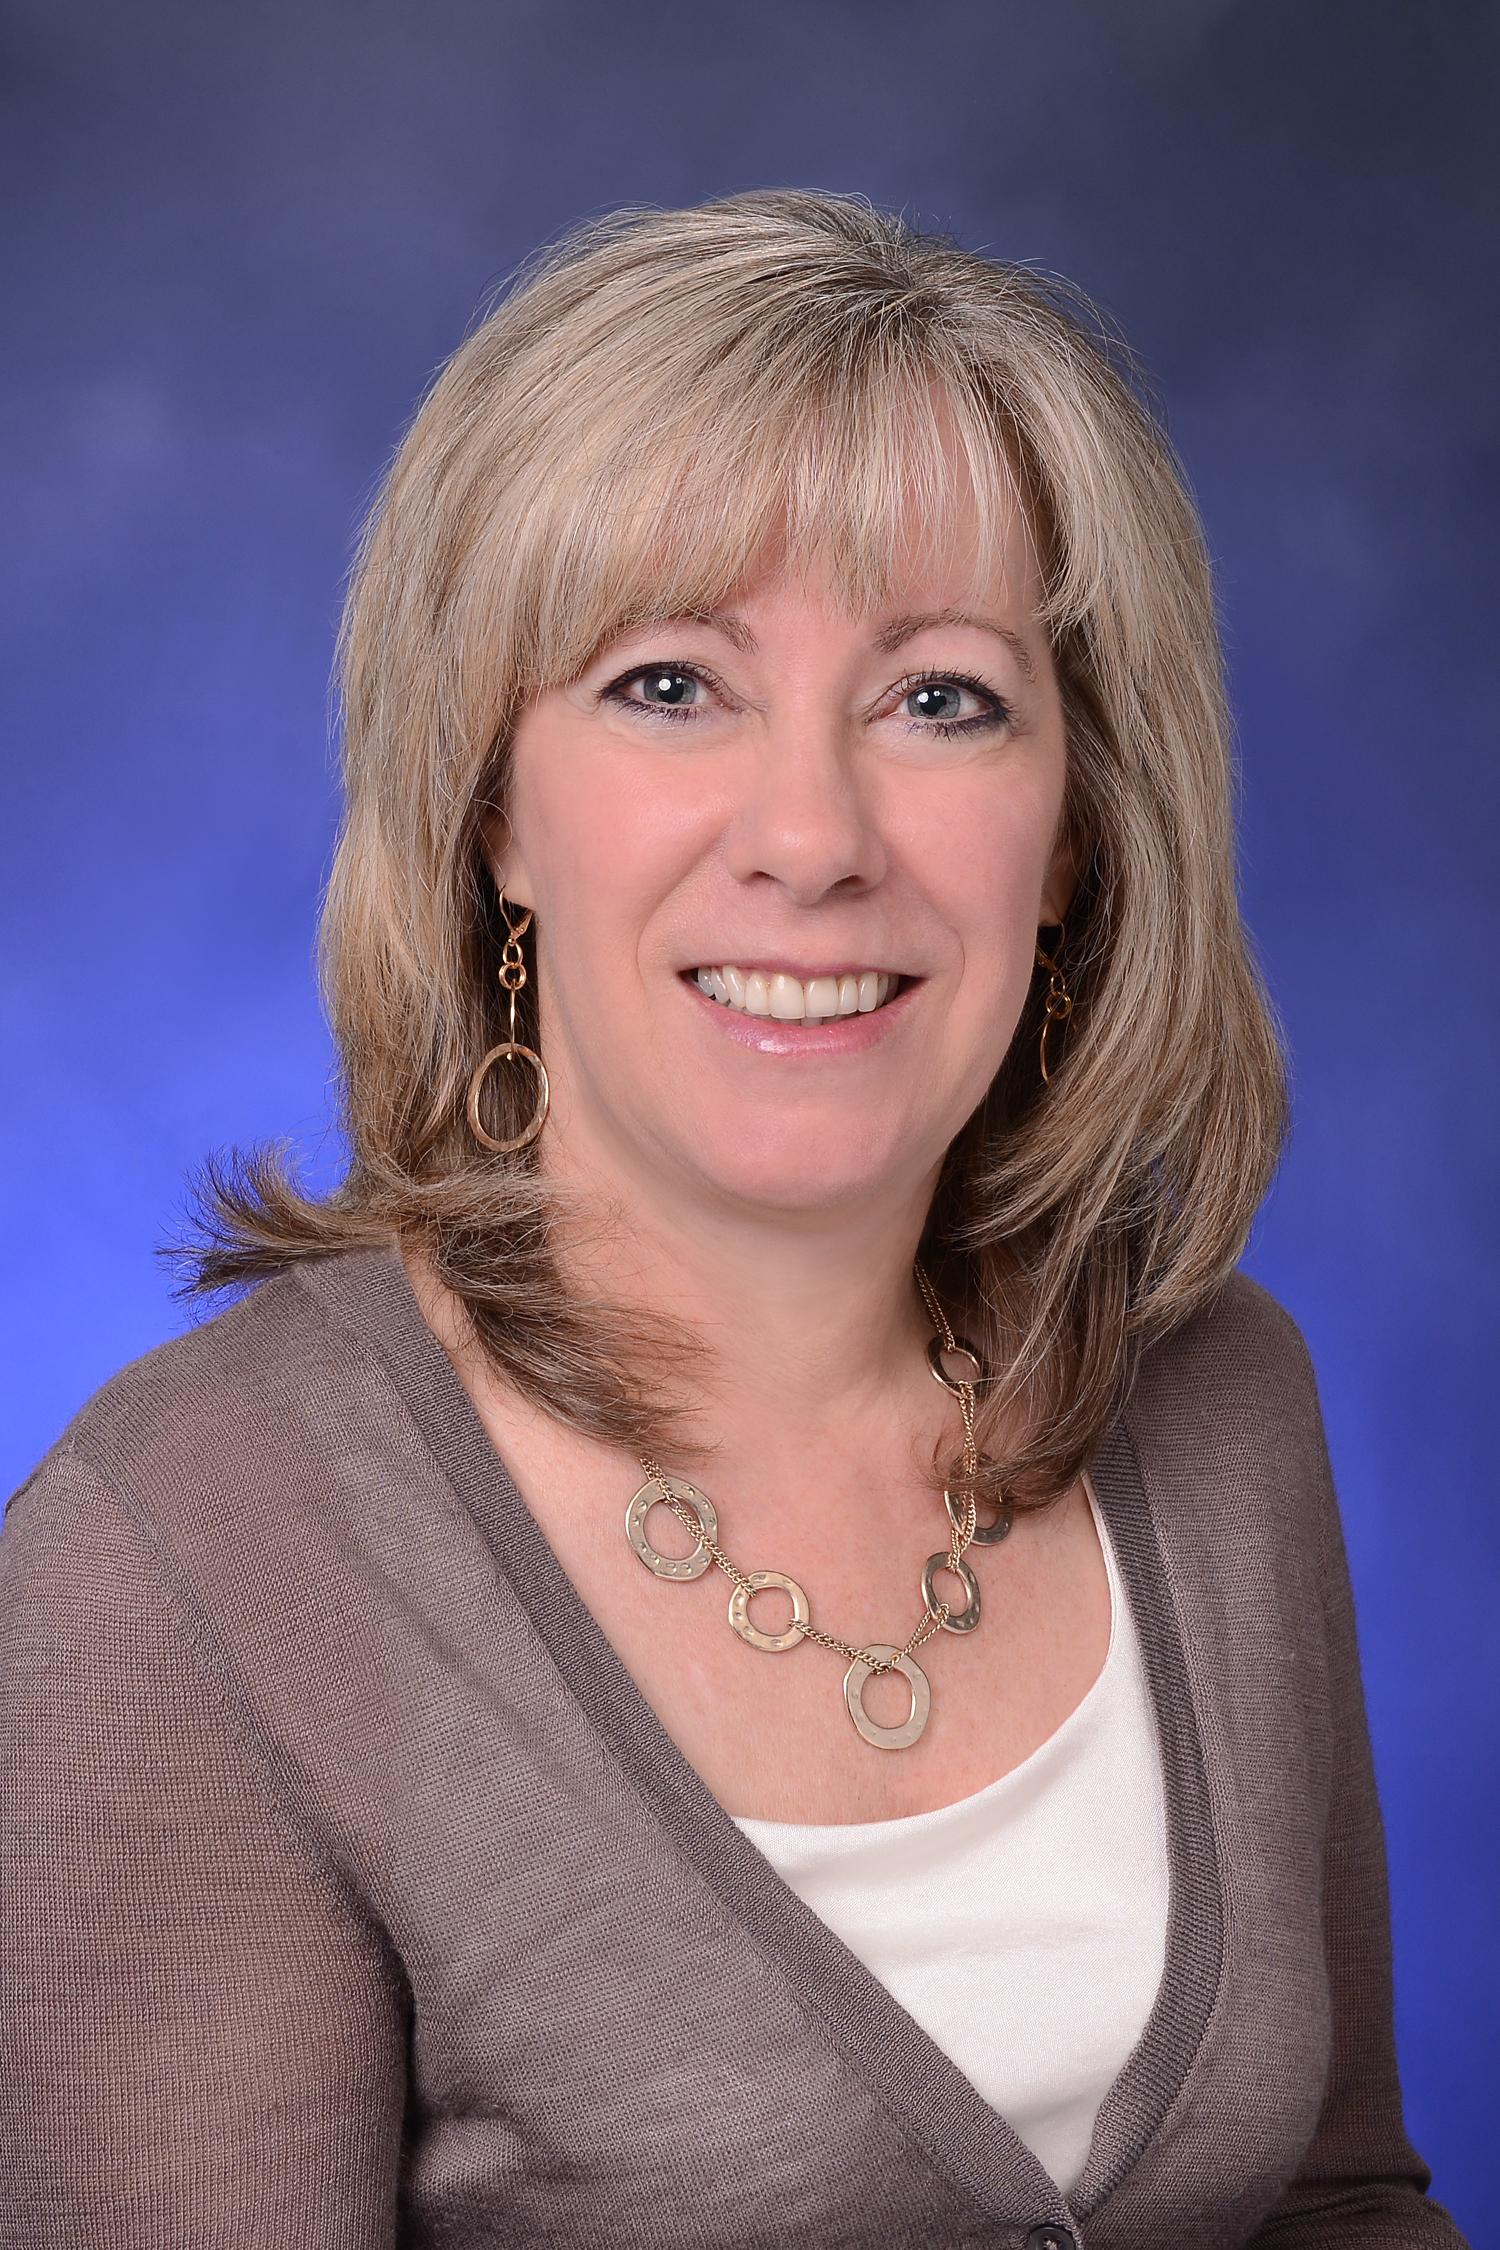 Melanie Brohawn